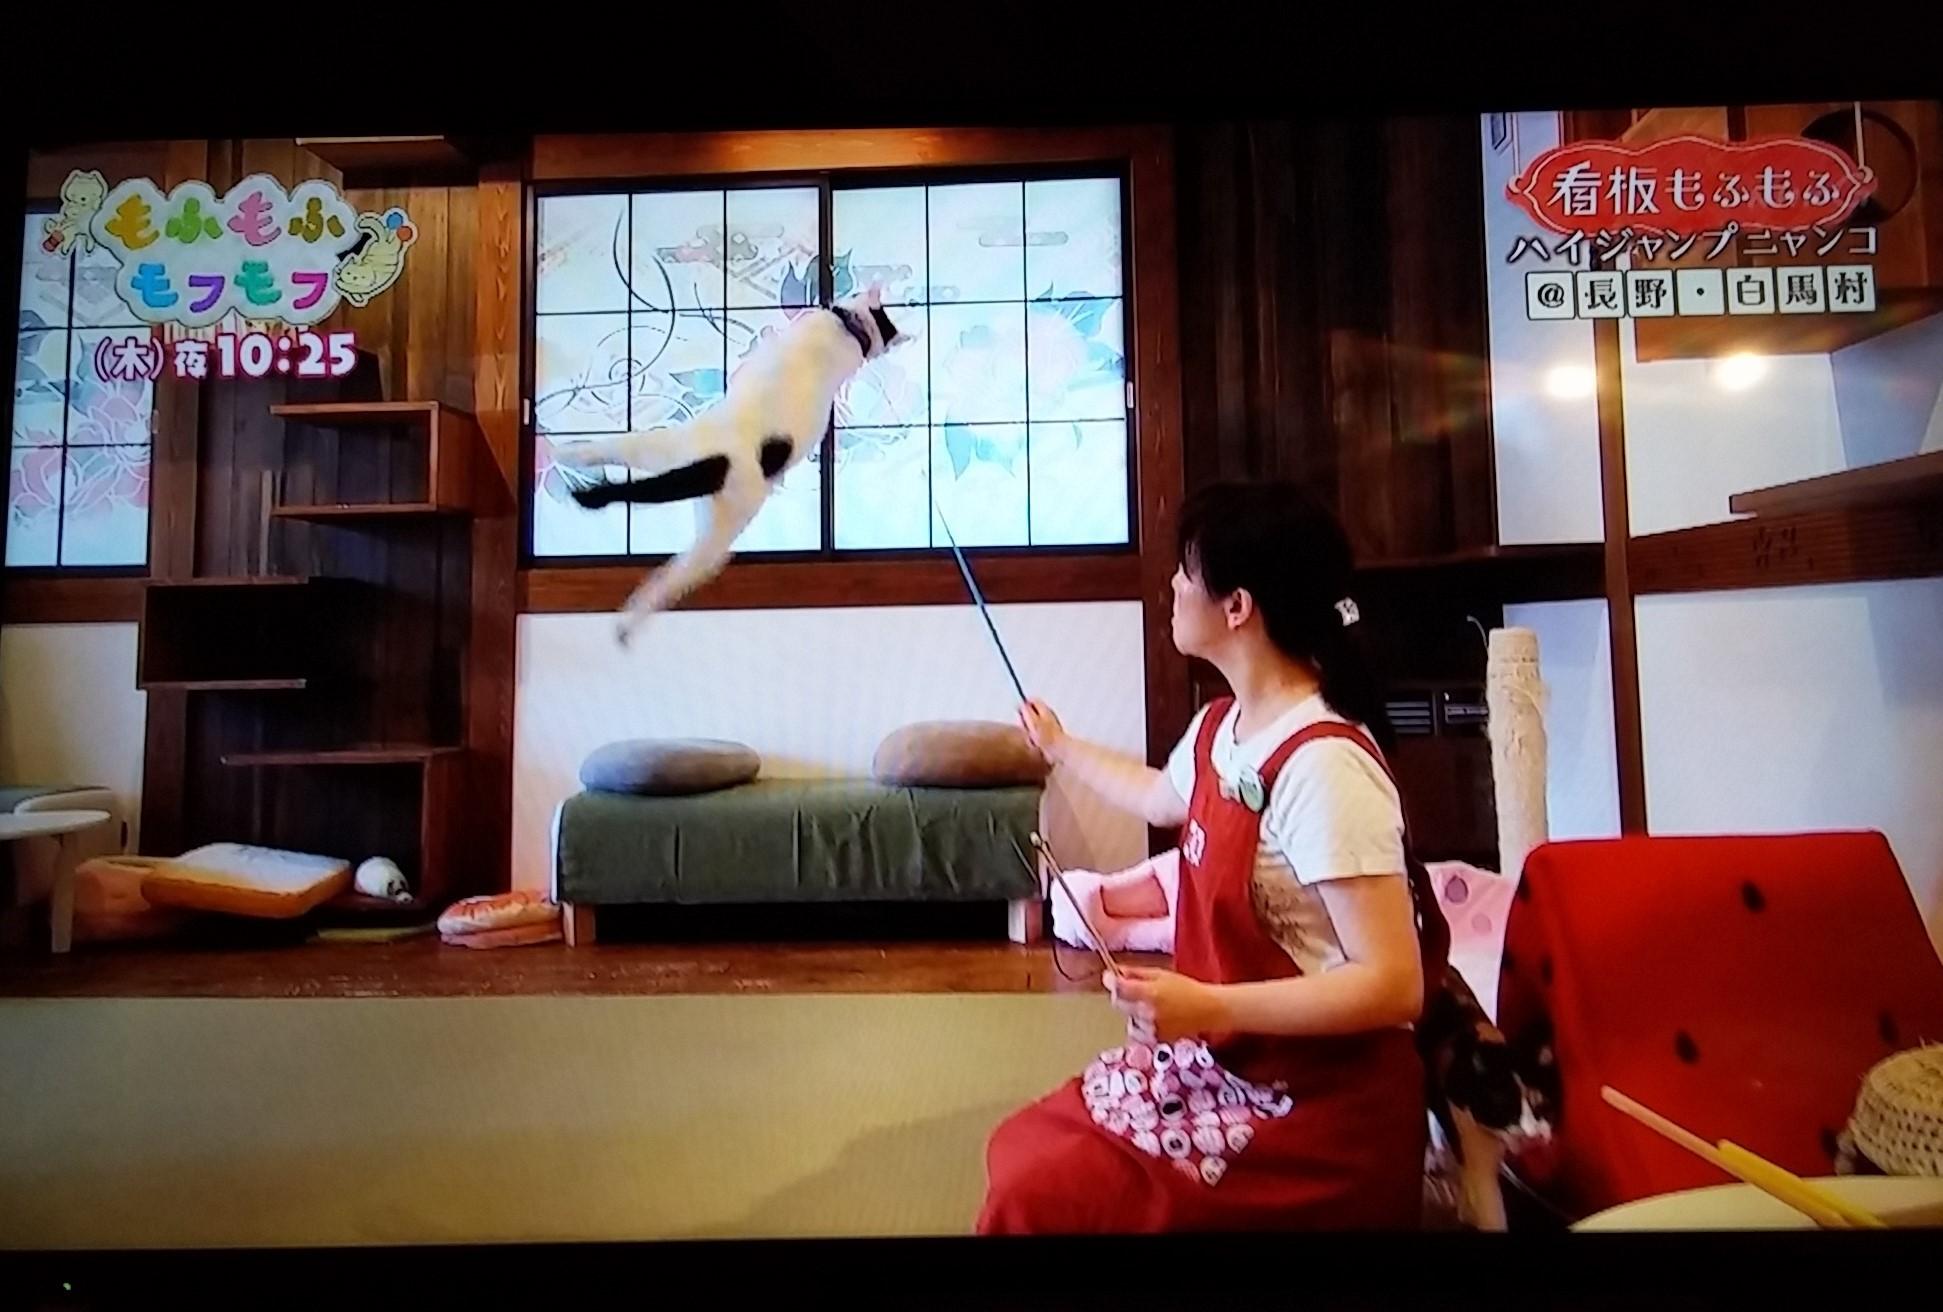 NHK総合 もふもふモフモフの看板もふもふコーナーで放送されました♪